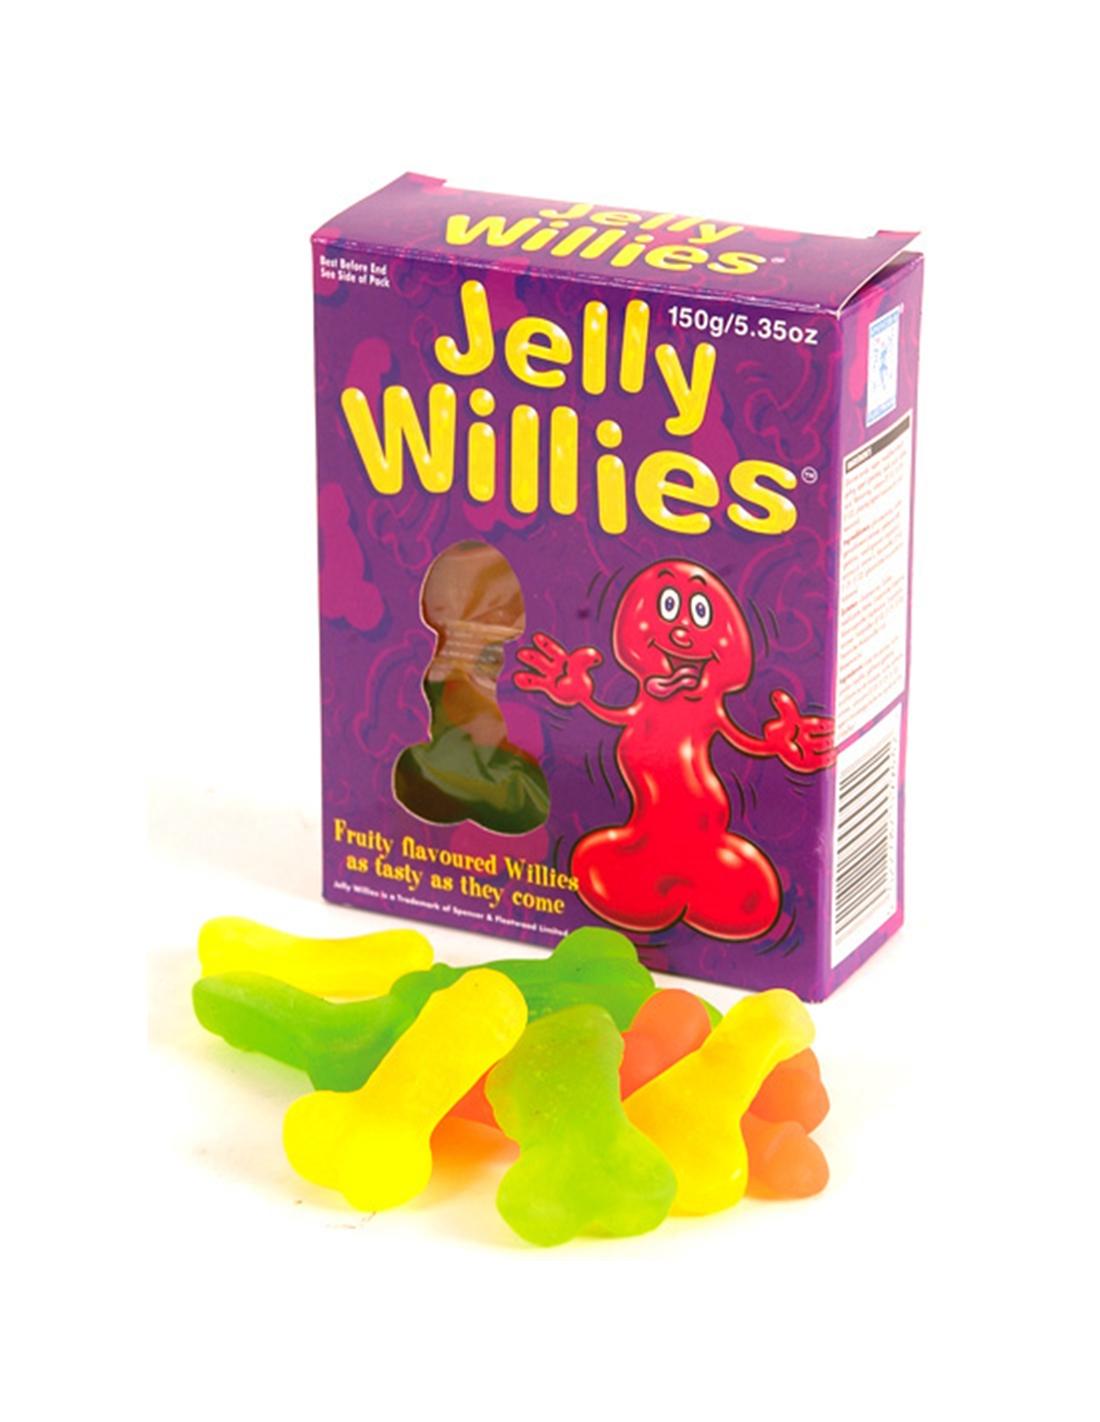 Gomas Em Forma De Pénis Jelly Willies - PR2010302586